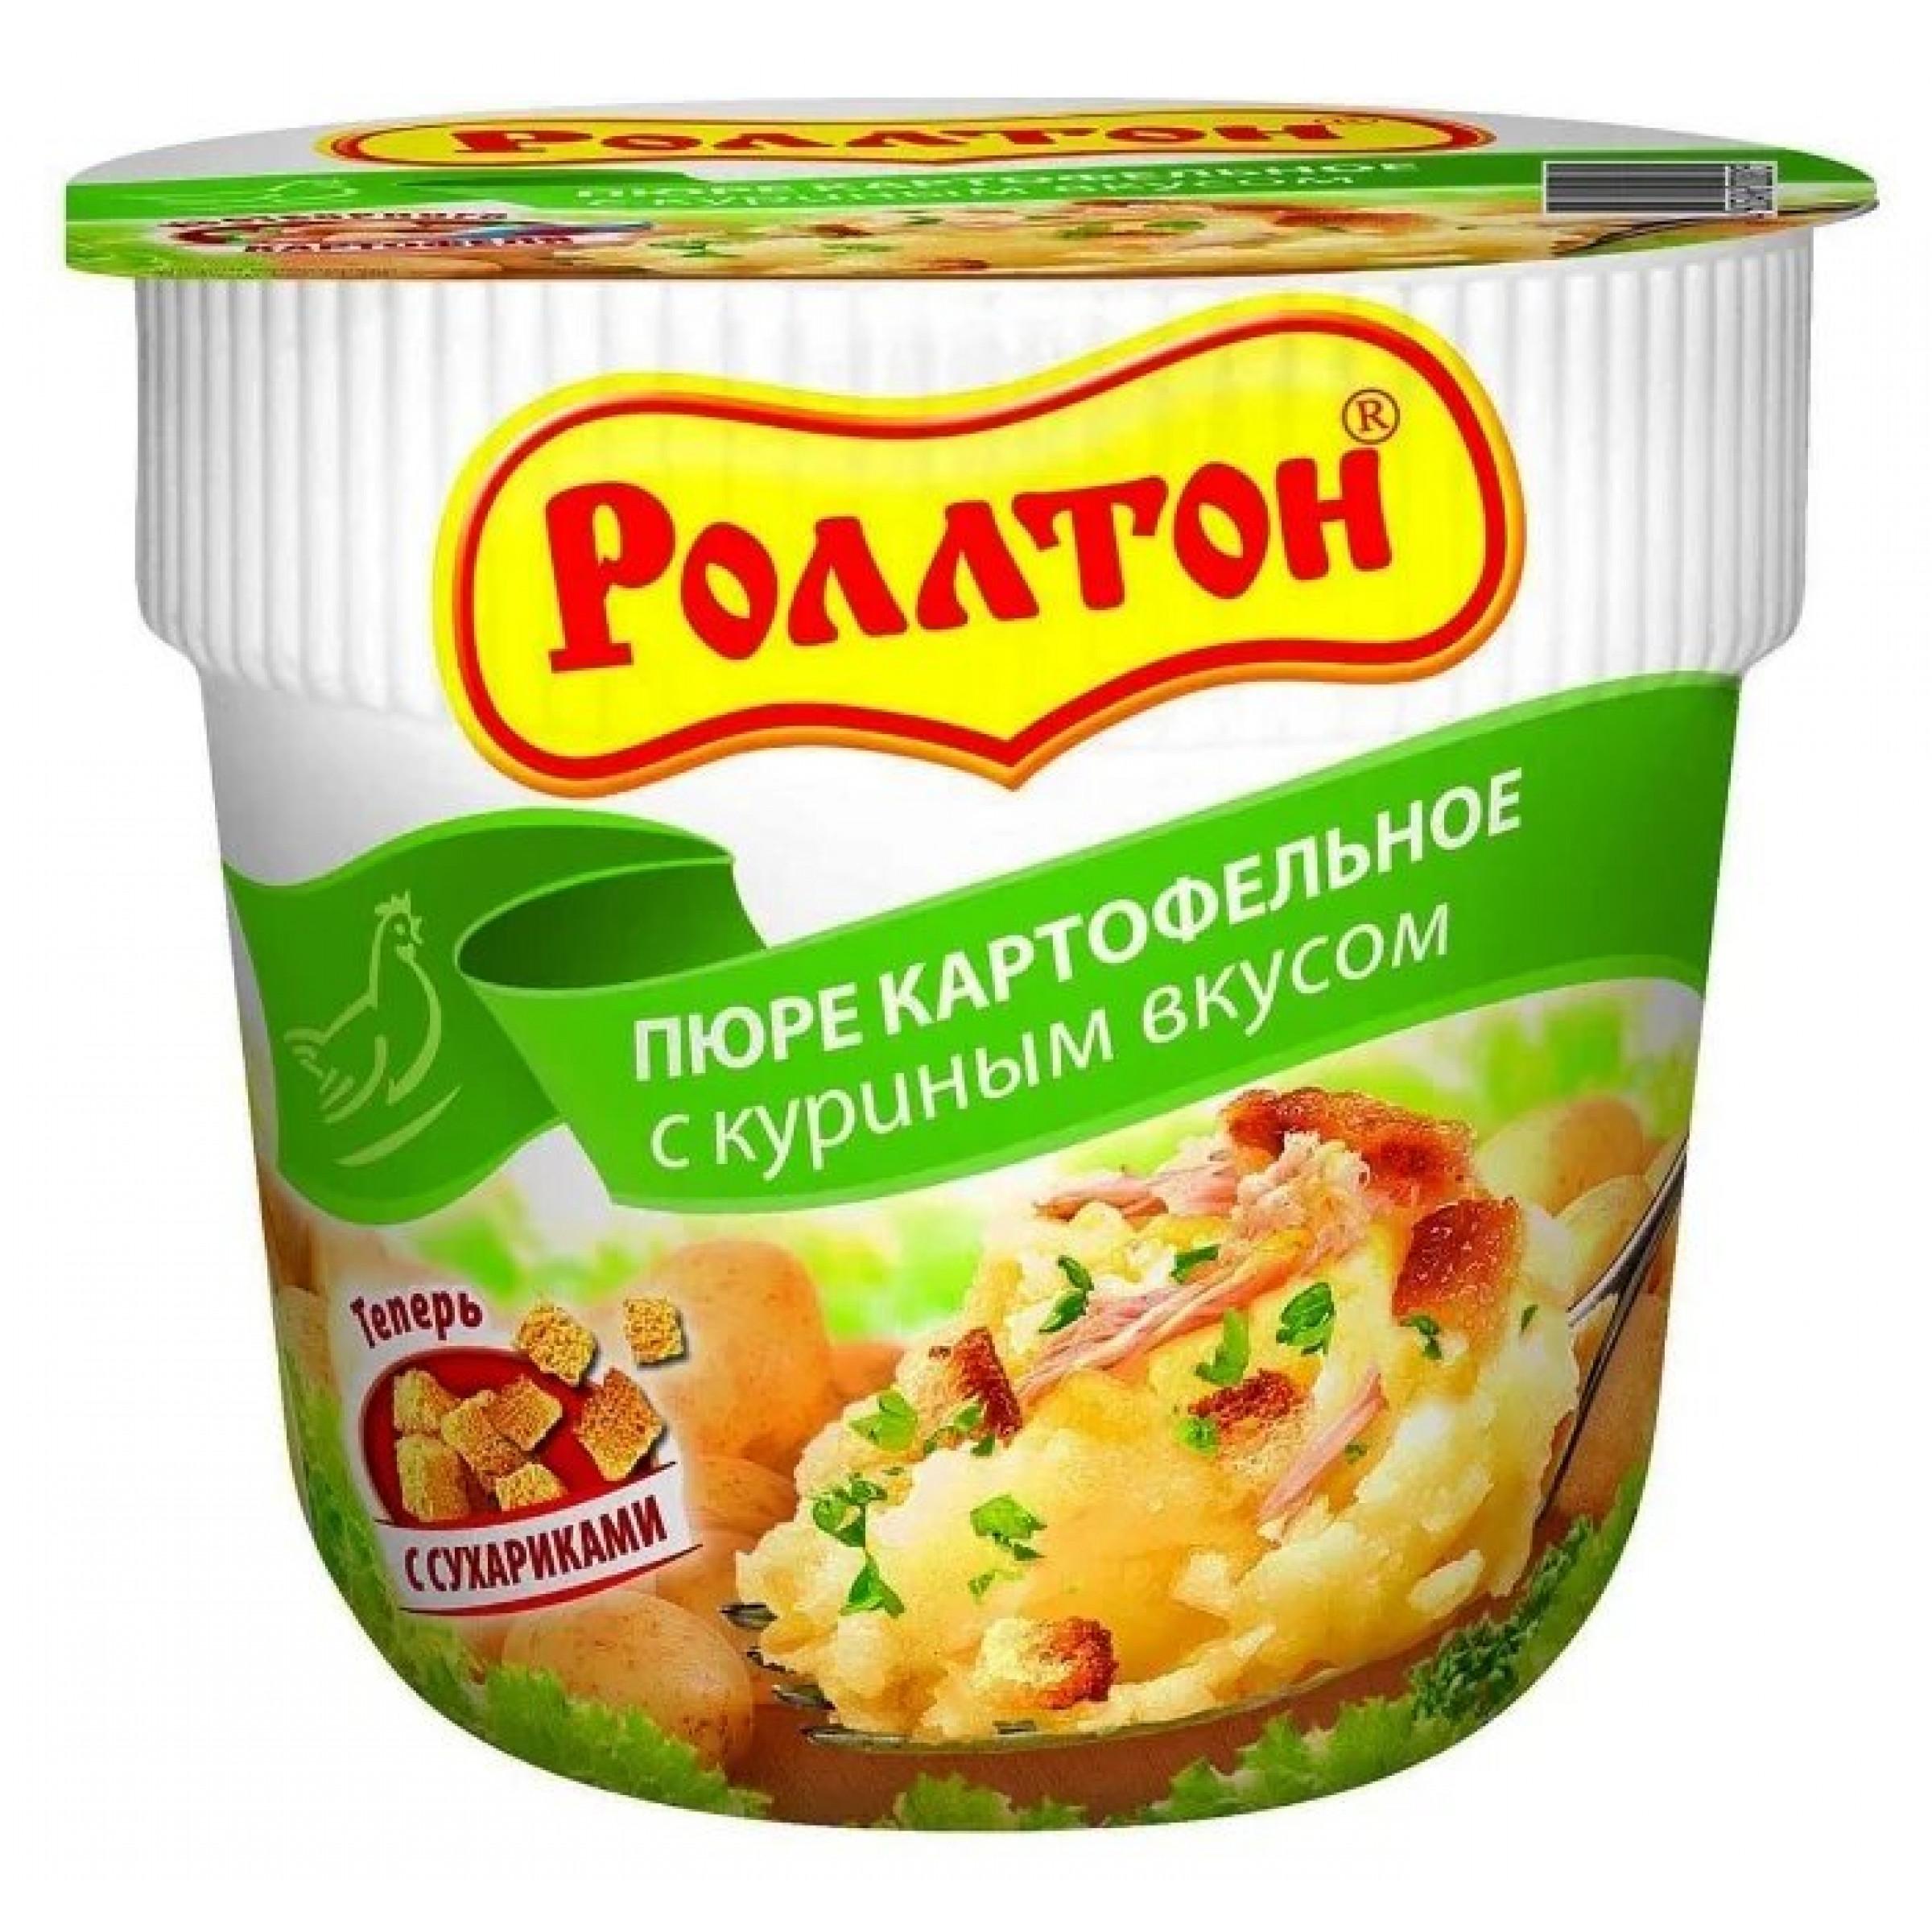 """Пюре картофельное """" Роллтон """" с куриным вкусом, 40гр"""